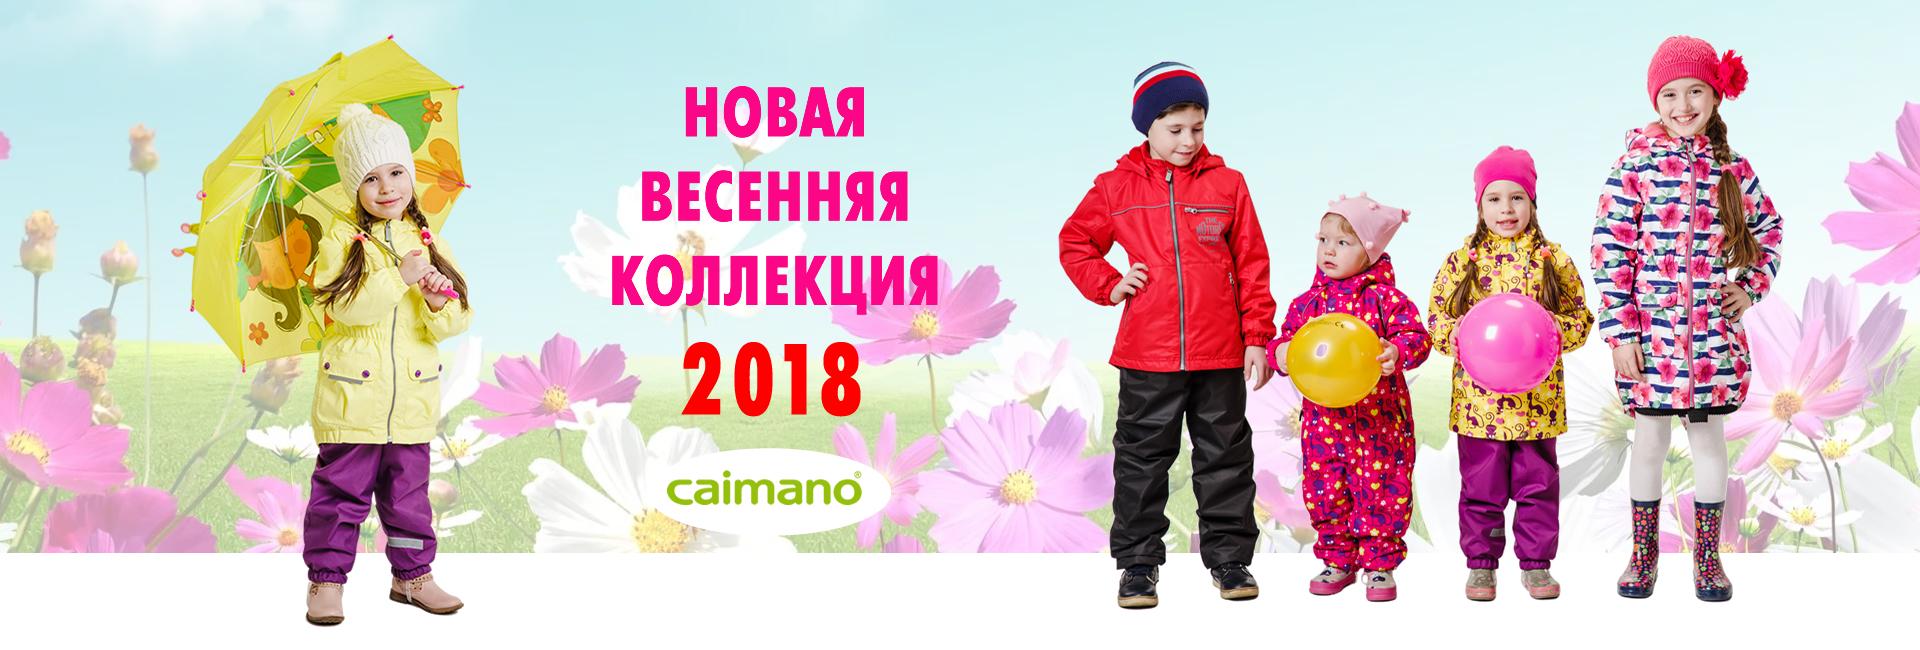 Летский баннер Коллекция 2018